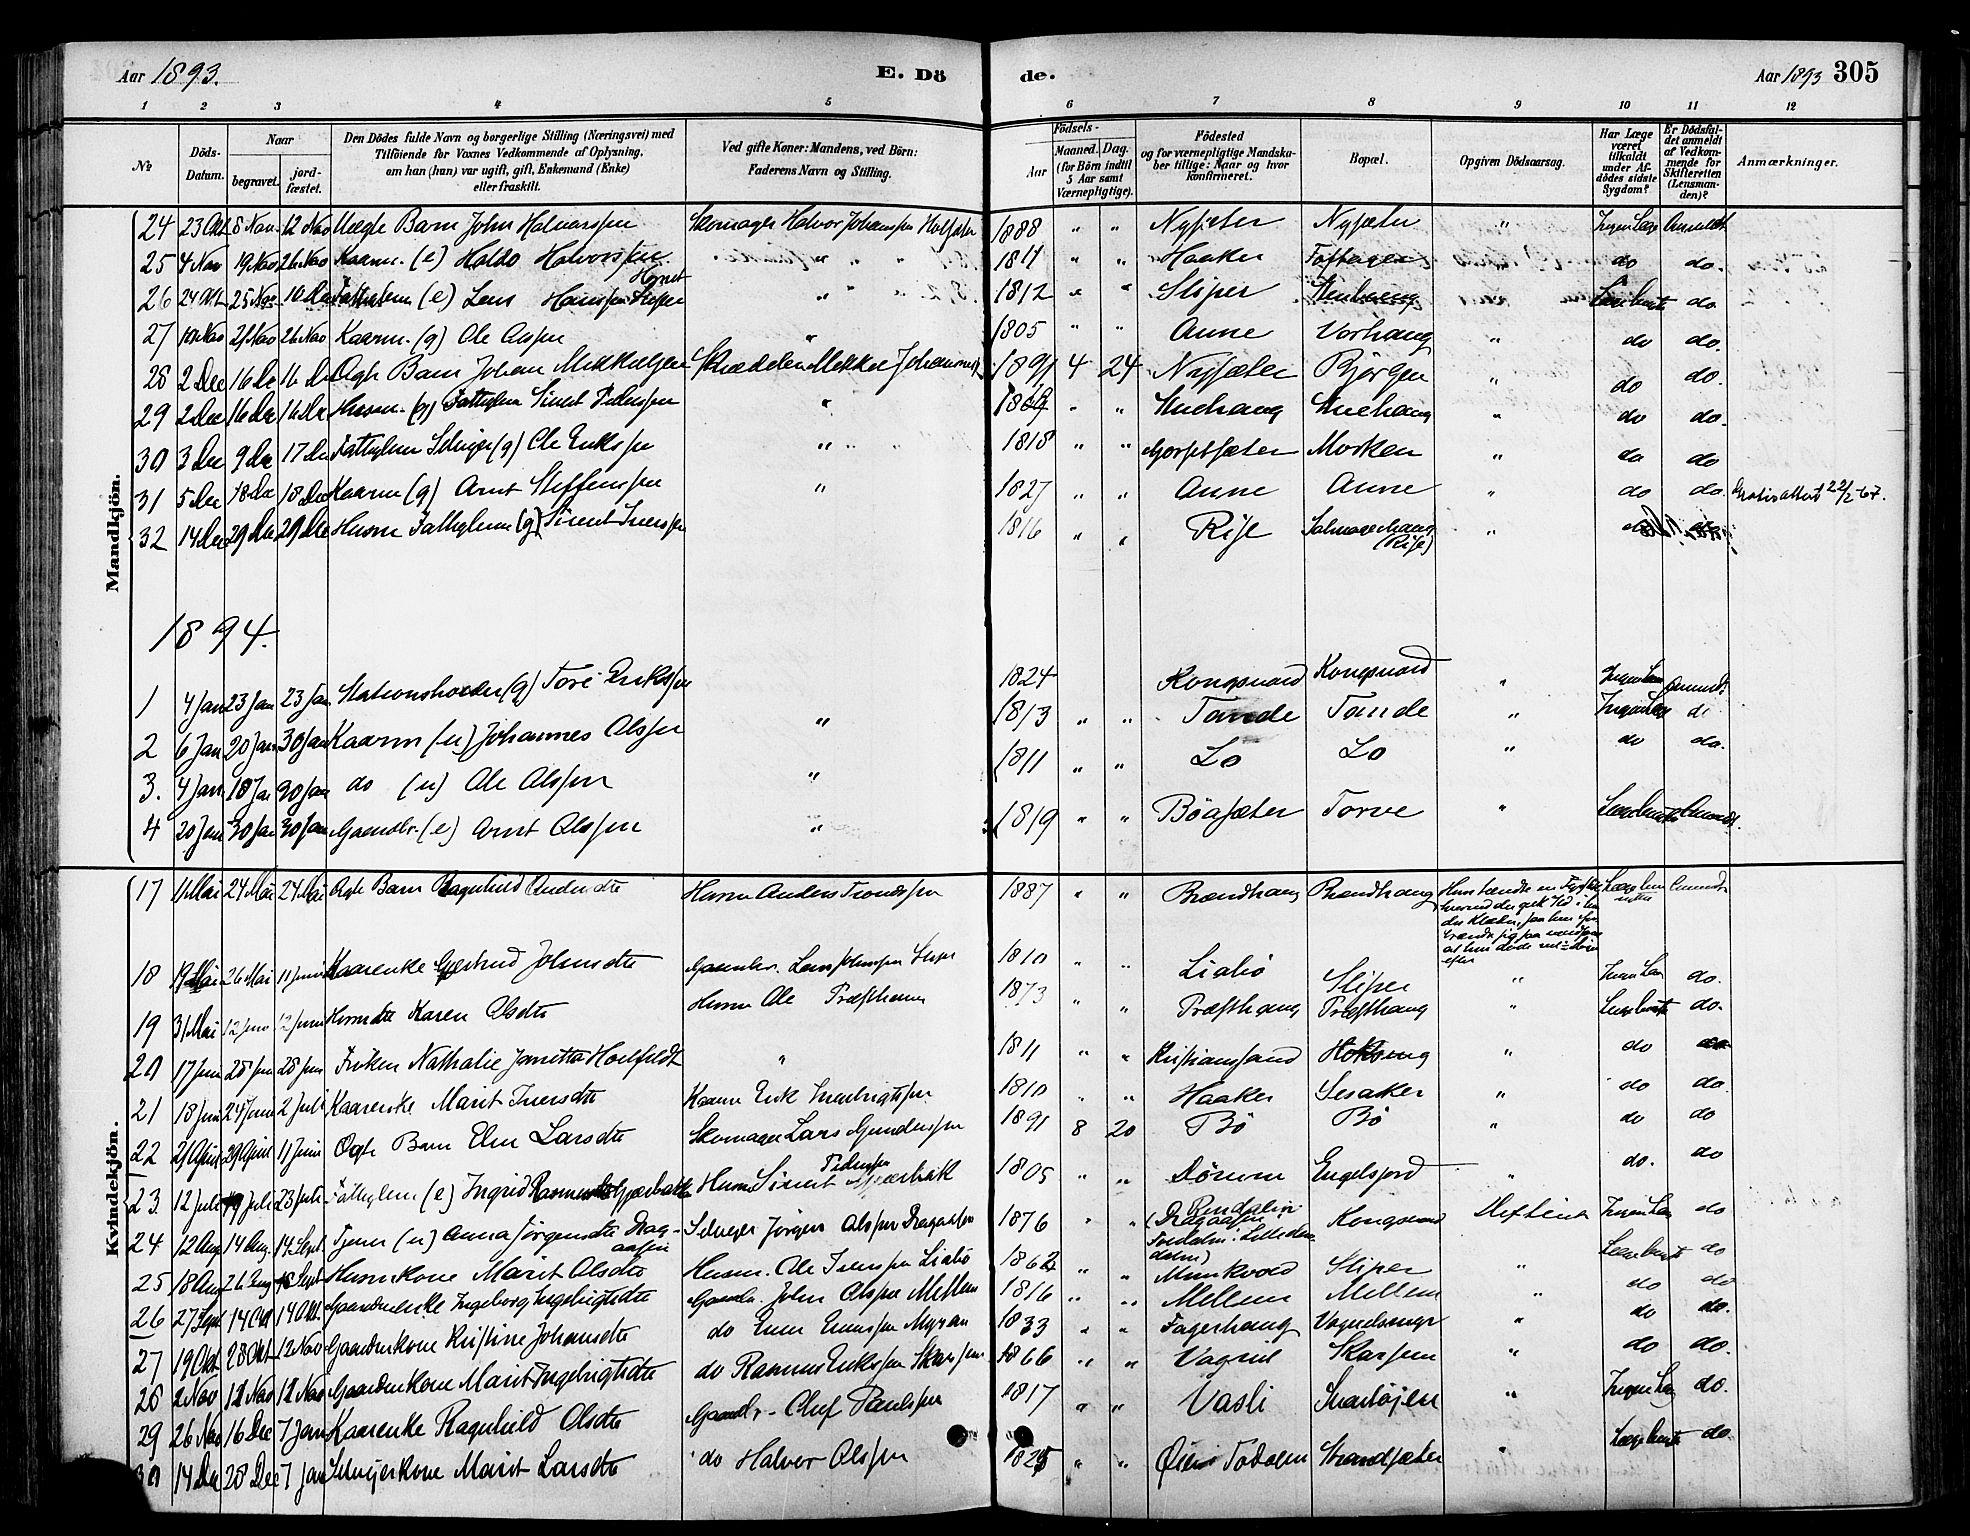 SAT, Ministerialprotokoller, klokkerbøker og fødselsregistre - Sør-Trøndelag, 678/L0901: Ministerialbok nr. 678A10, 1881-1894, s. 305